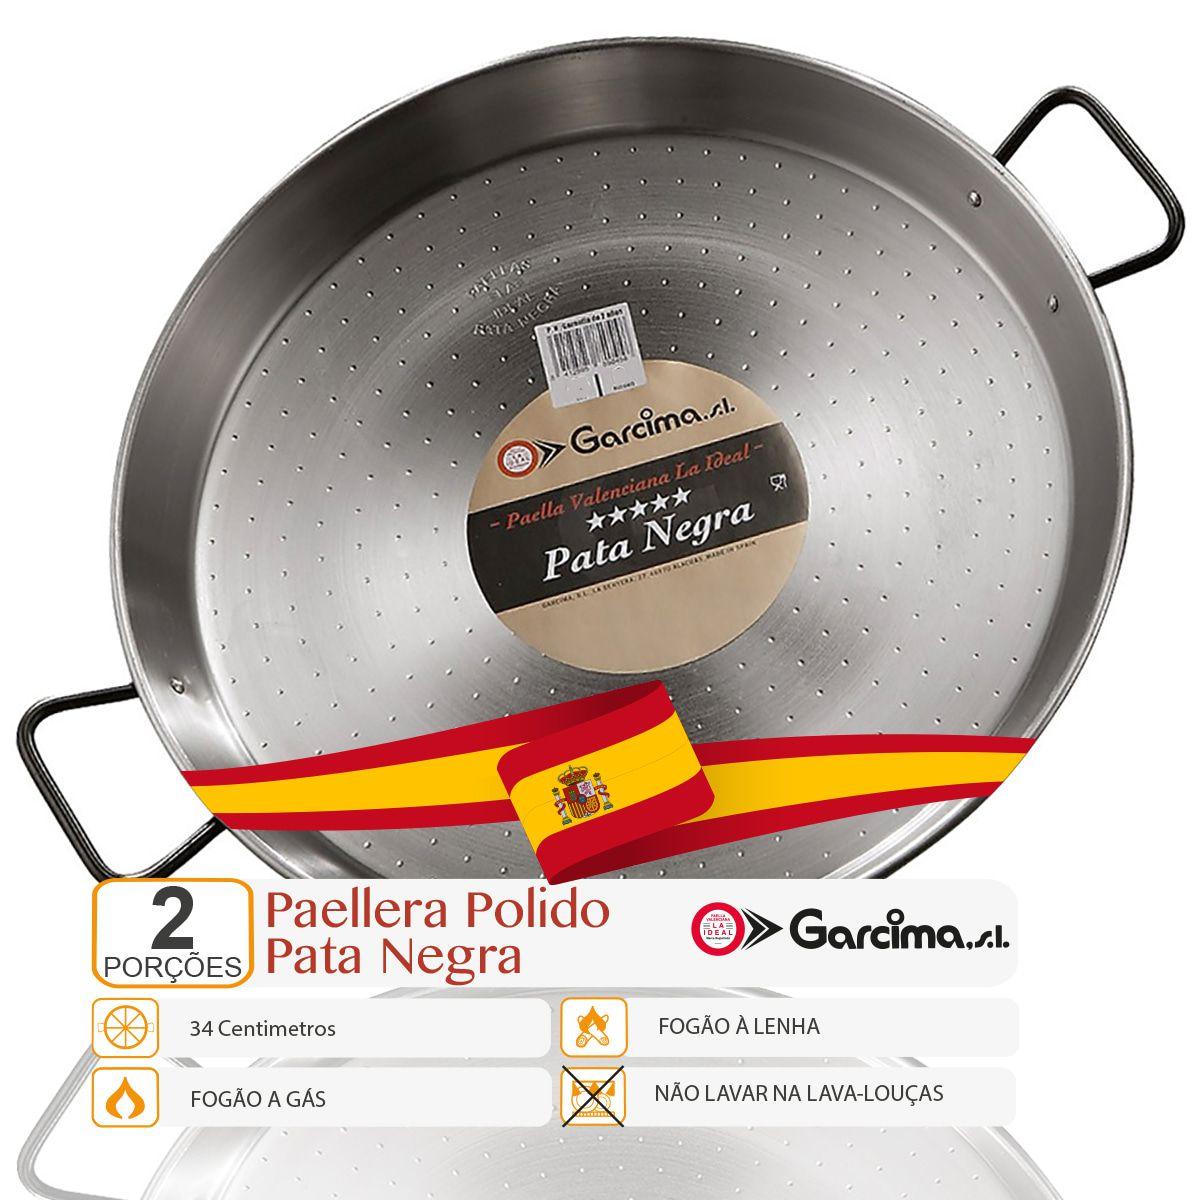 Paellera Aço Polido Pata Negra 34 Cm Para 2 Porções, Garcima  - EMPÓRIO PACK